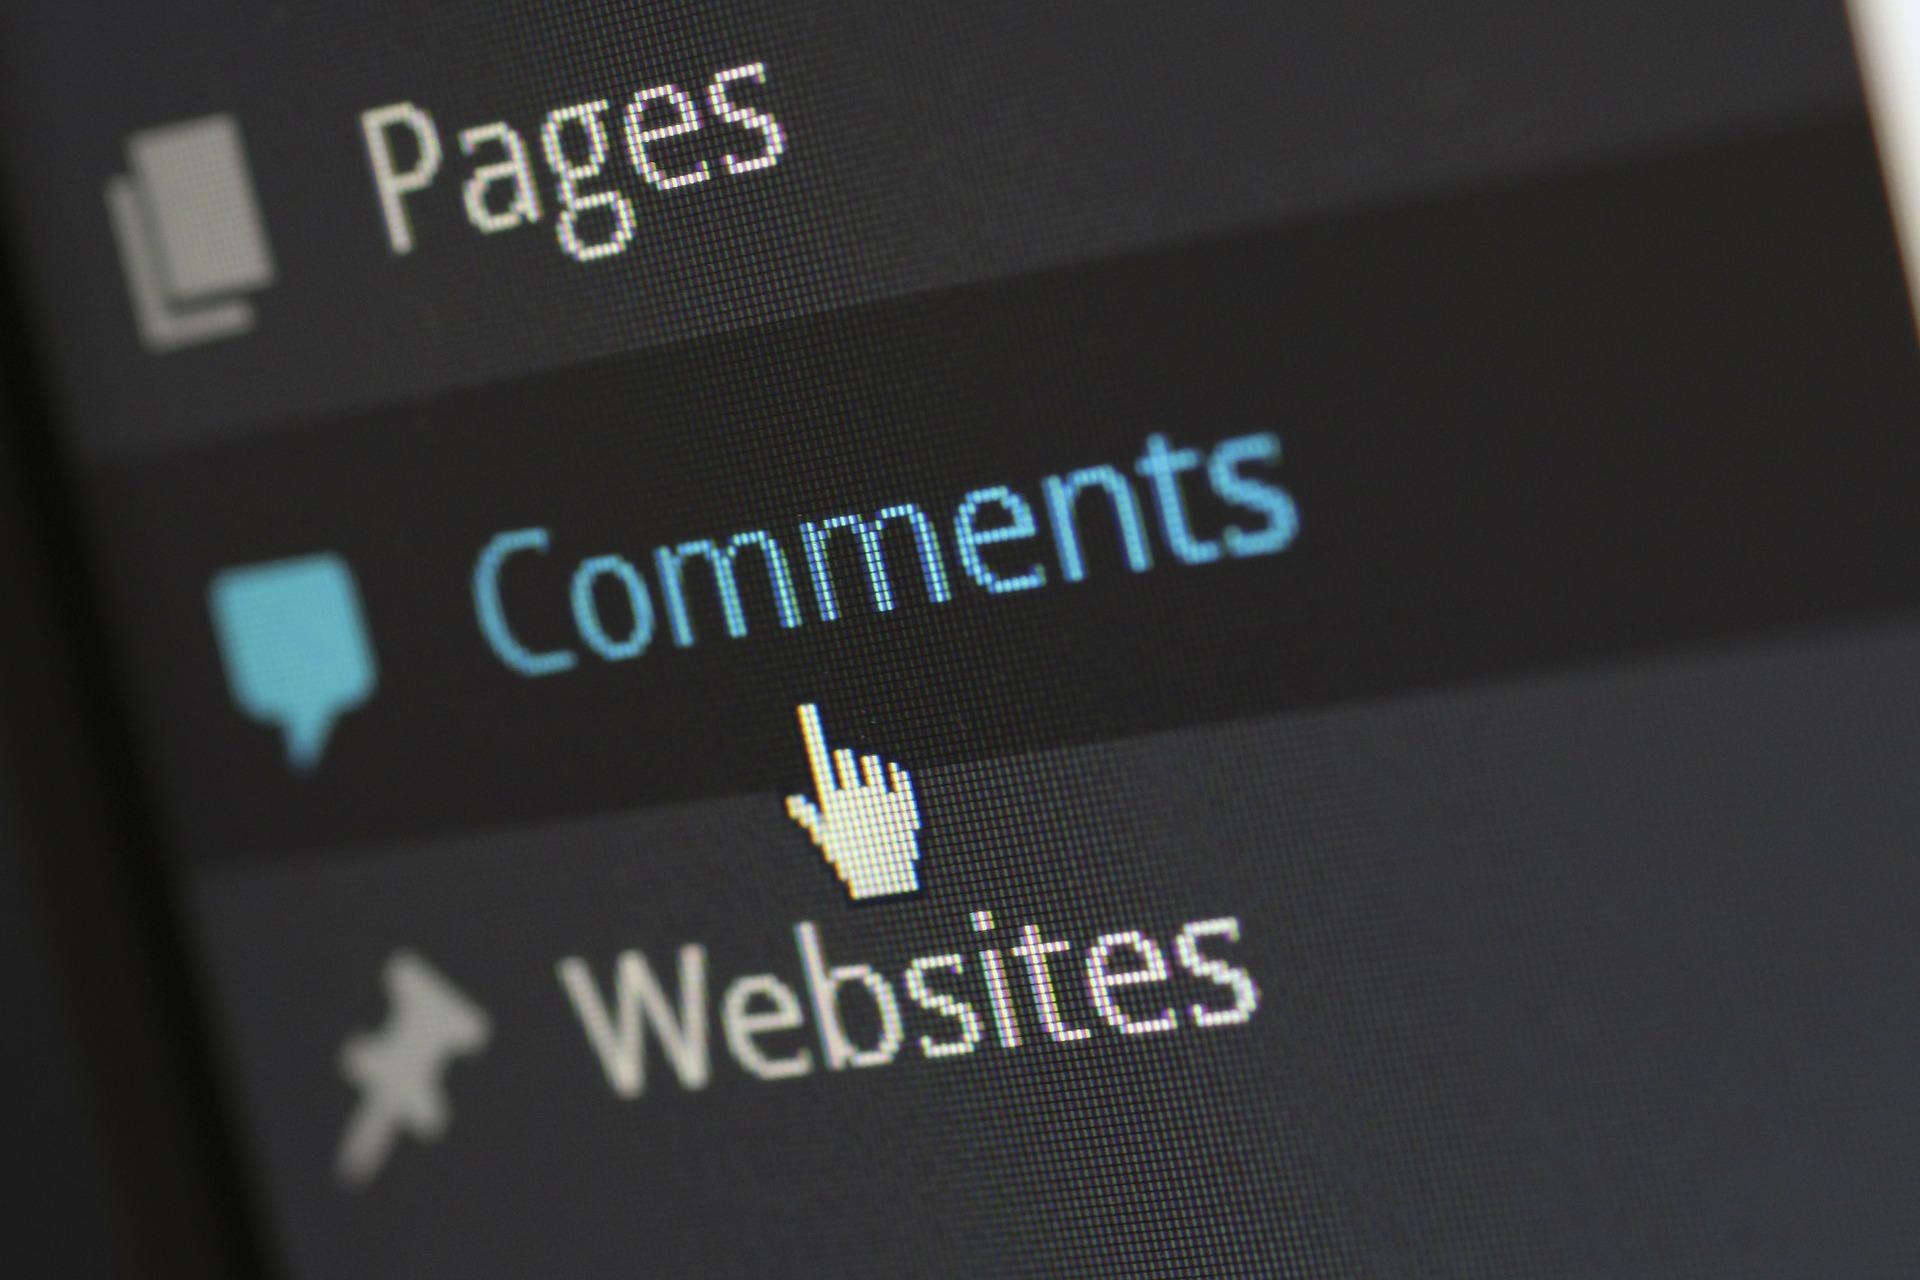 ¿Cómo dar valor a las noticias a través de los comentarios?